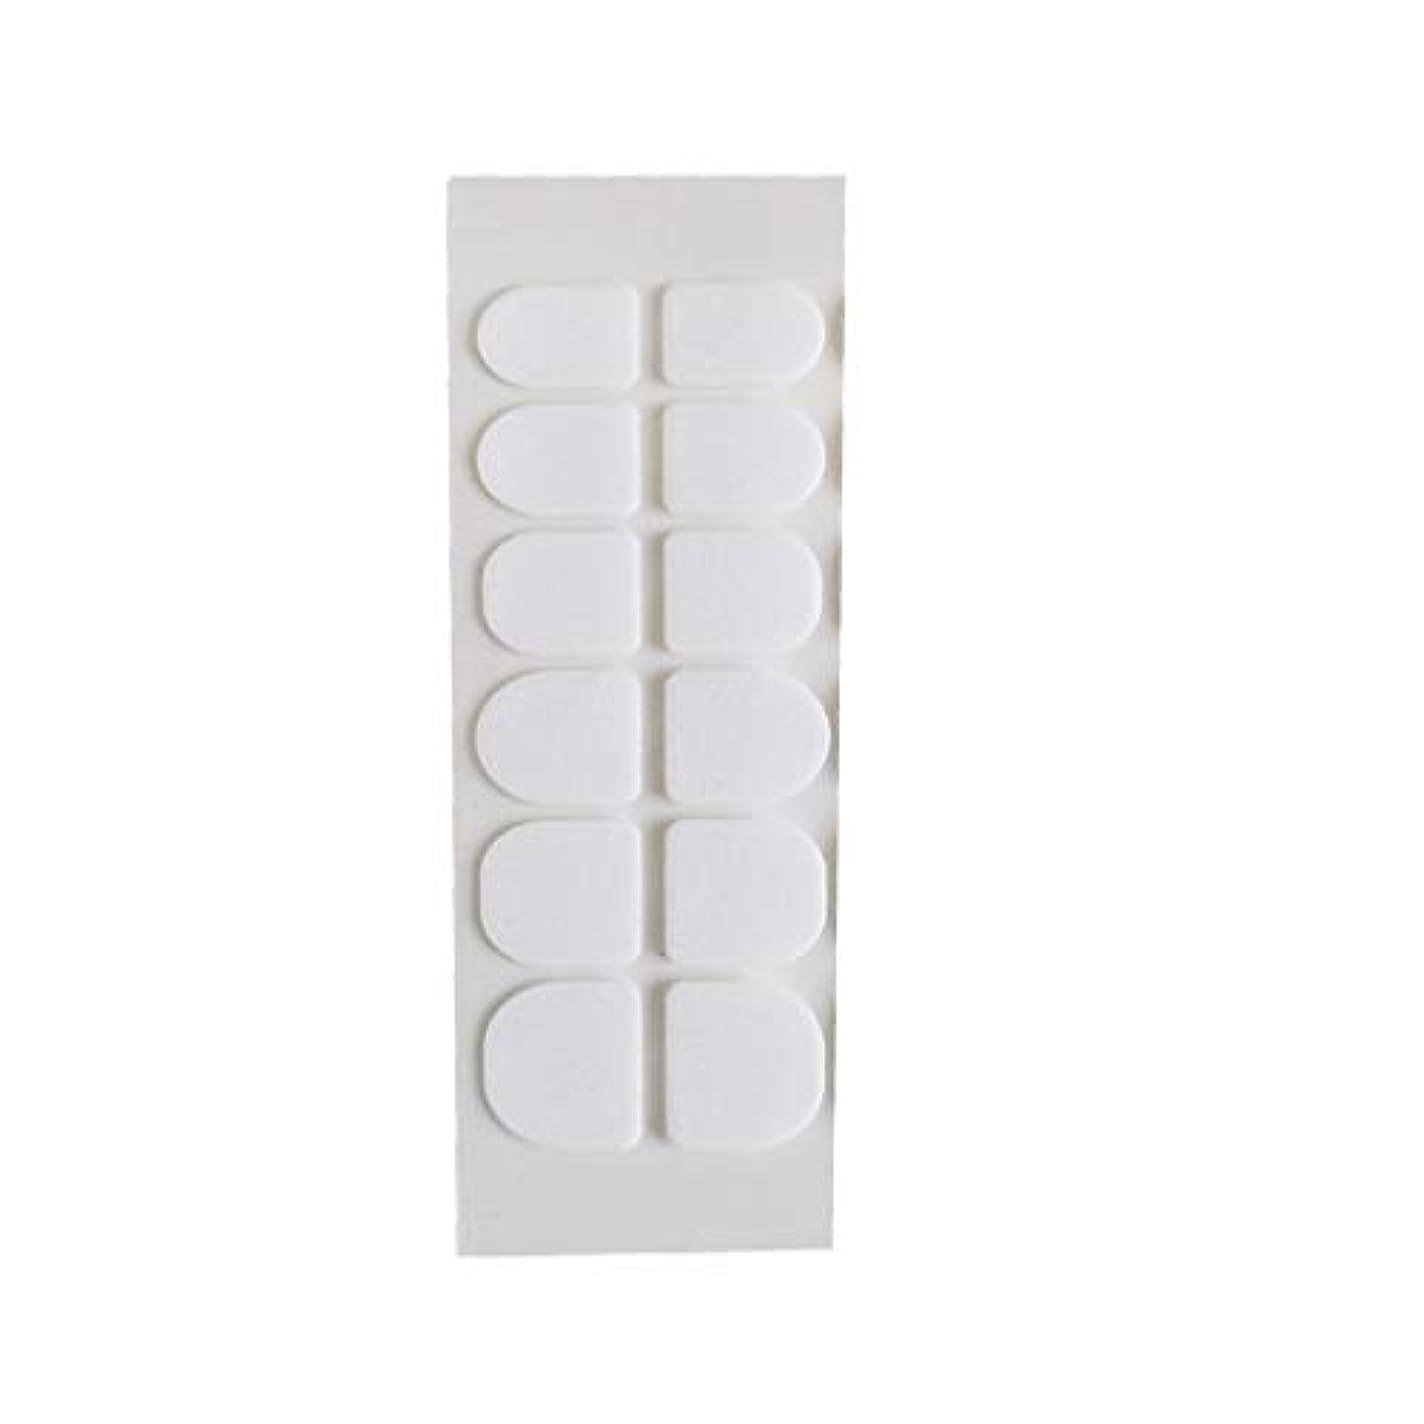 有効化減らすコストPosmant マニキュア 偽の爪 ゼリー 両面接着剤 環境に優しい 透明 目に見えない ネイルクリップ接着剤 ウェアラブルアーマー スーパースティッキー 透明 24個 5PCS 複数の色 選択できます 便利な